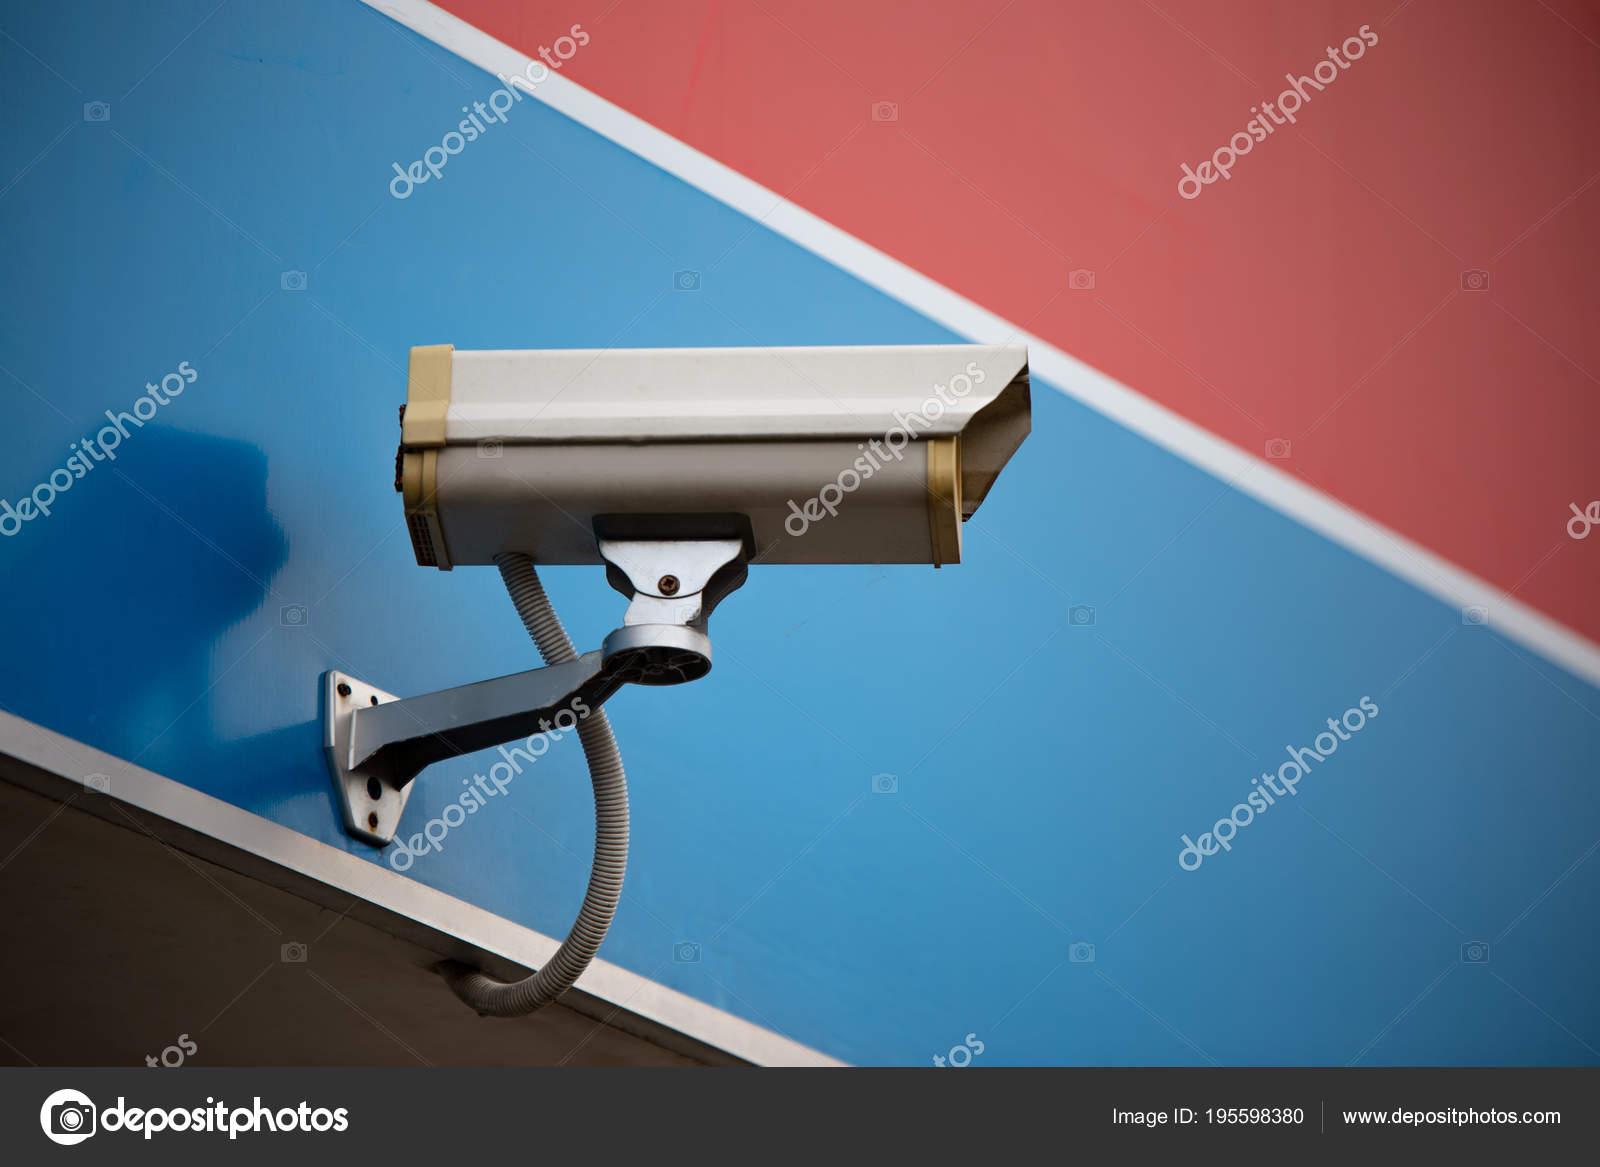 Vista Ângulo Baixo Sistema Segurança Cctv Câmera Vigilância Parede Edifício  — Fotografia de Stock d8b81a82c7